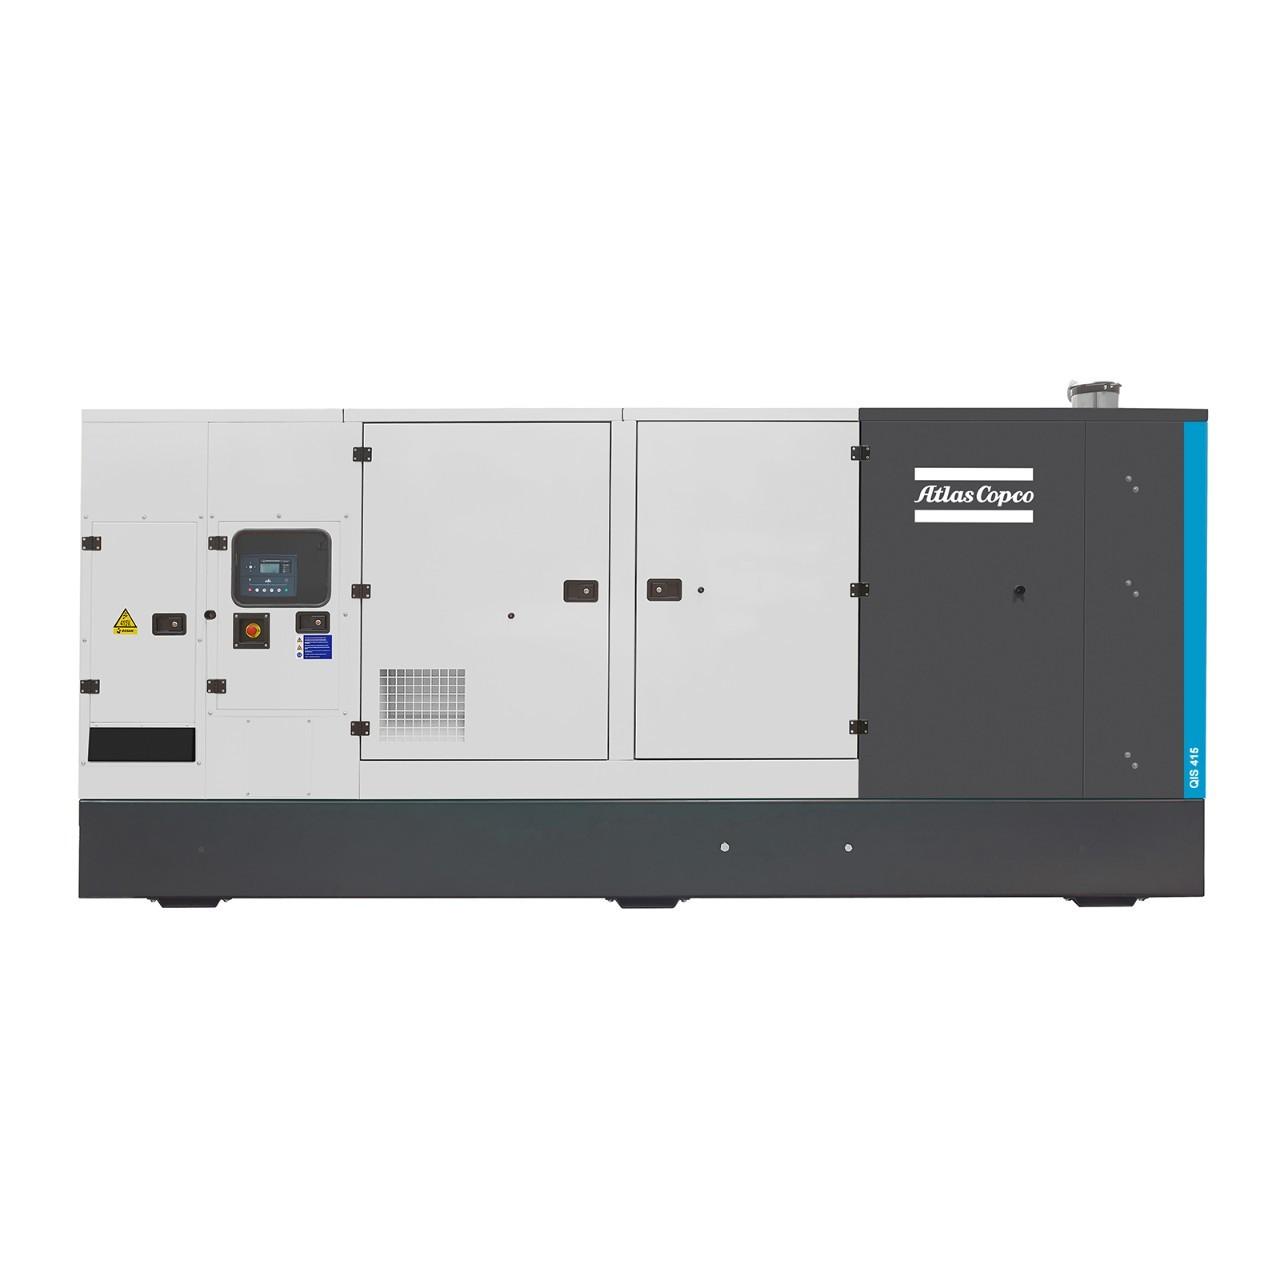 Дизельный генератор Atlas Copco QIS 415 с АВР